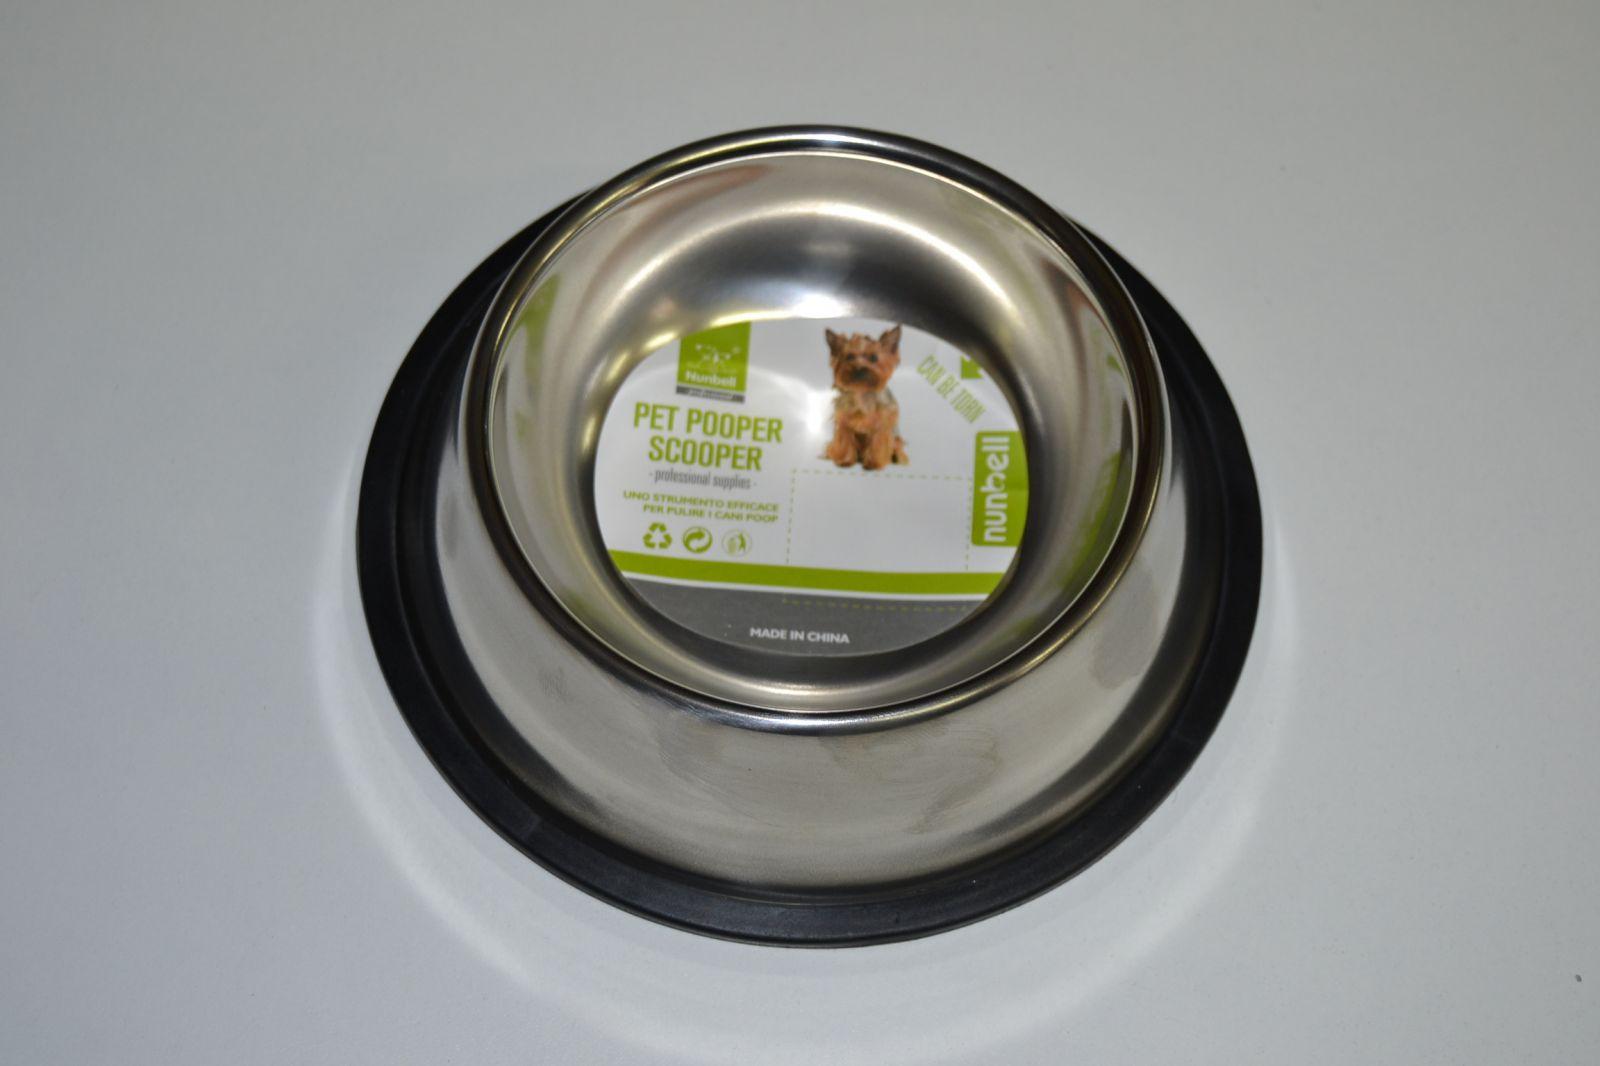 Nerezová miska pro psy 15cm, 0,69l s protiskluzovou úpravou